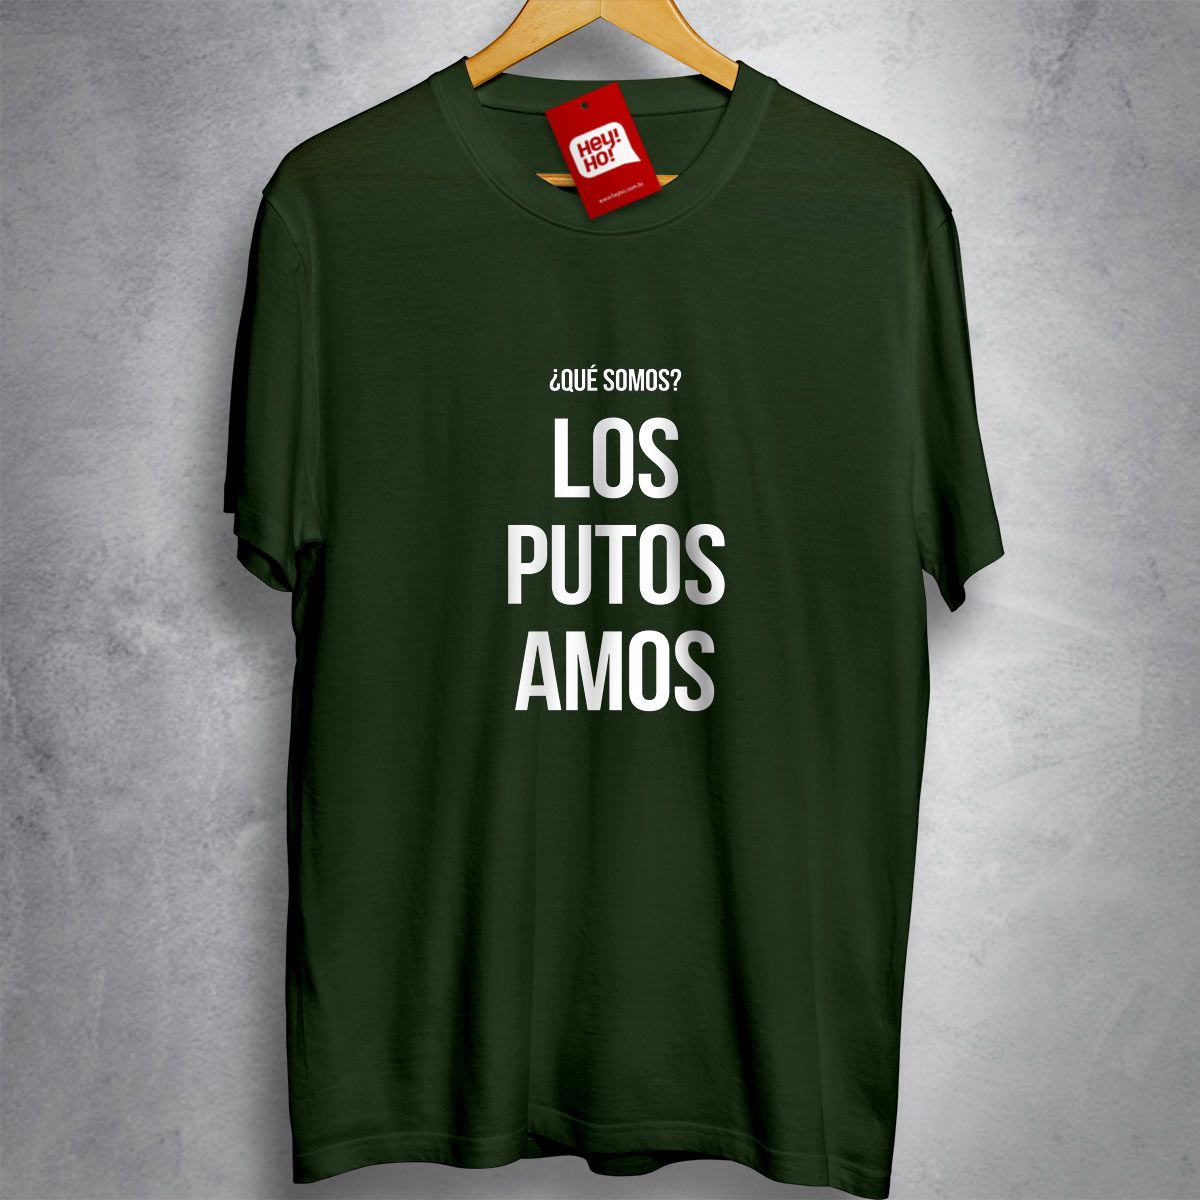 LA CASA DE PAPEL - Que Somos (Los Putos Amos)